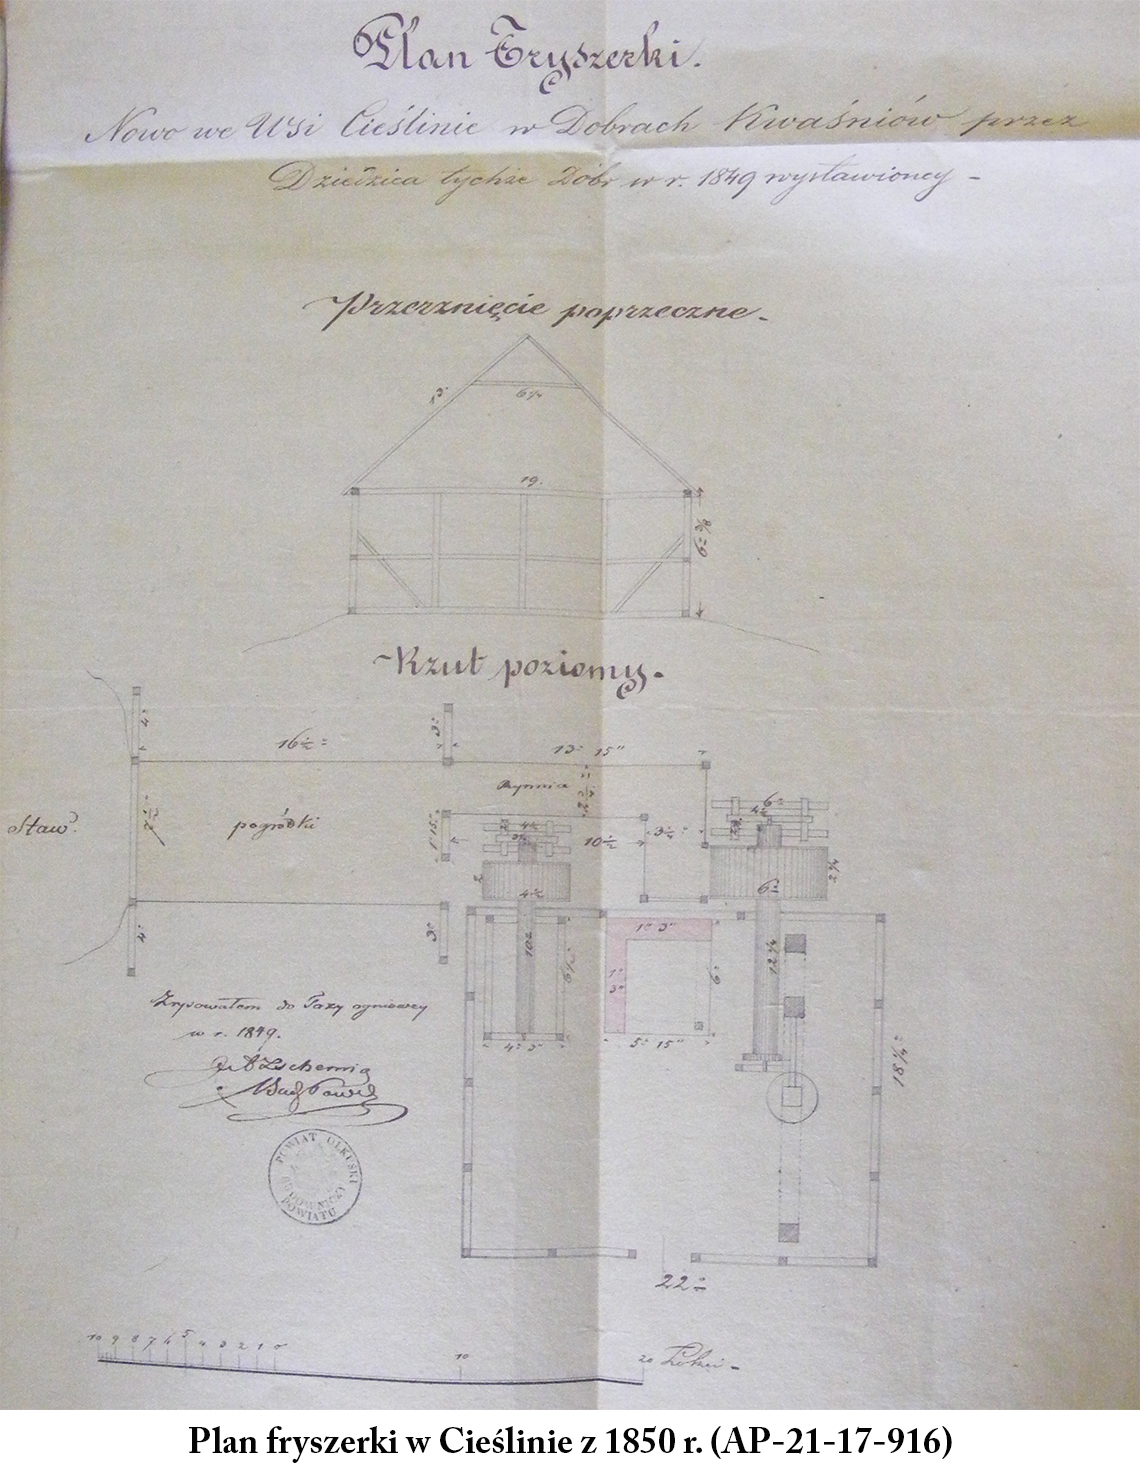 Plan fryszerki w Cieślinie z 1850 r. (AP-21-17-916)